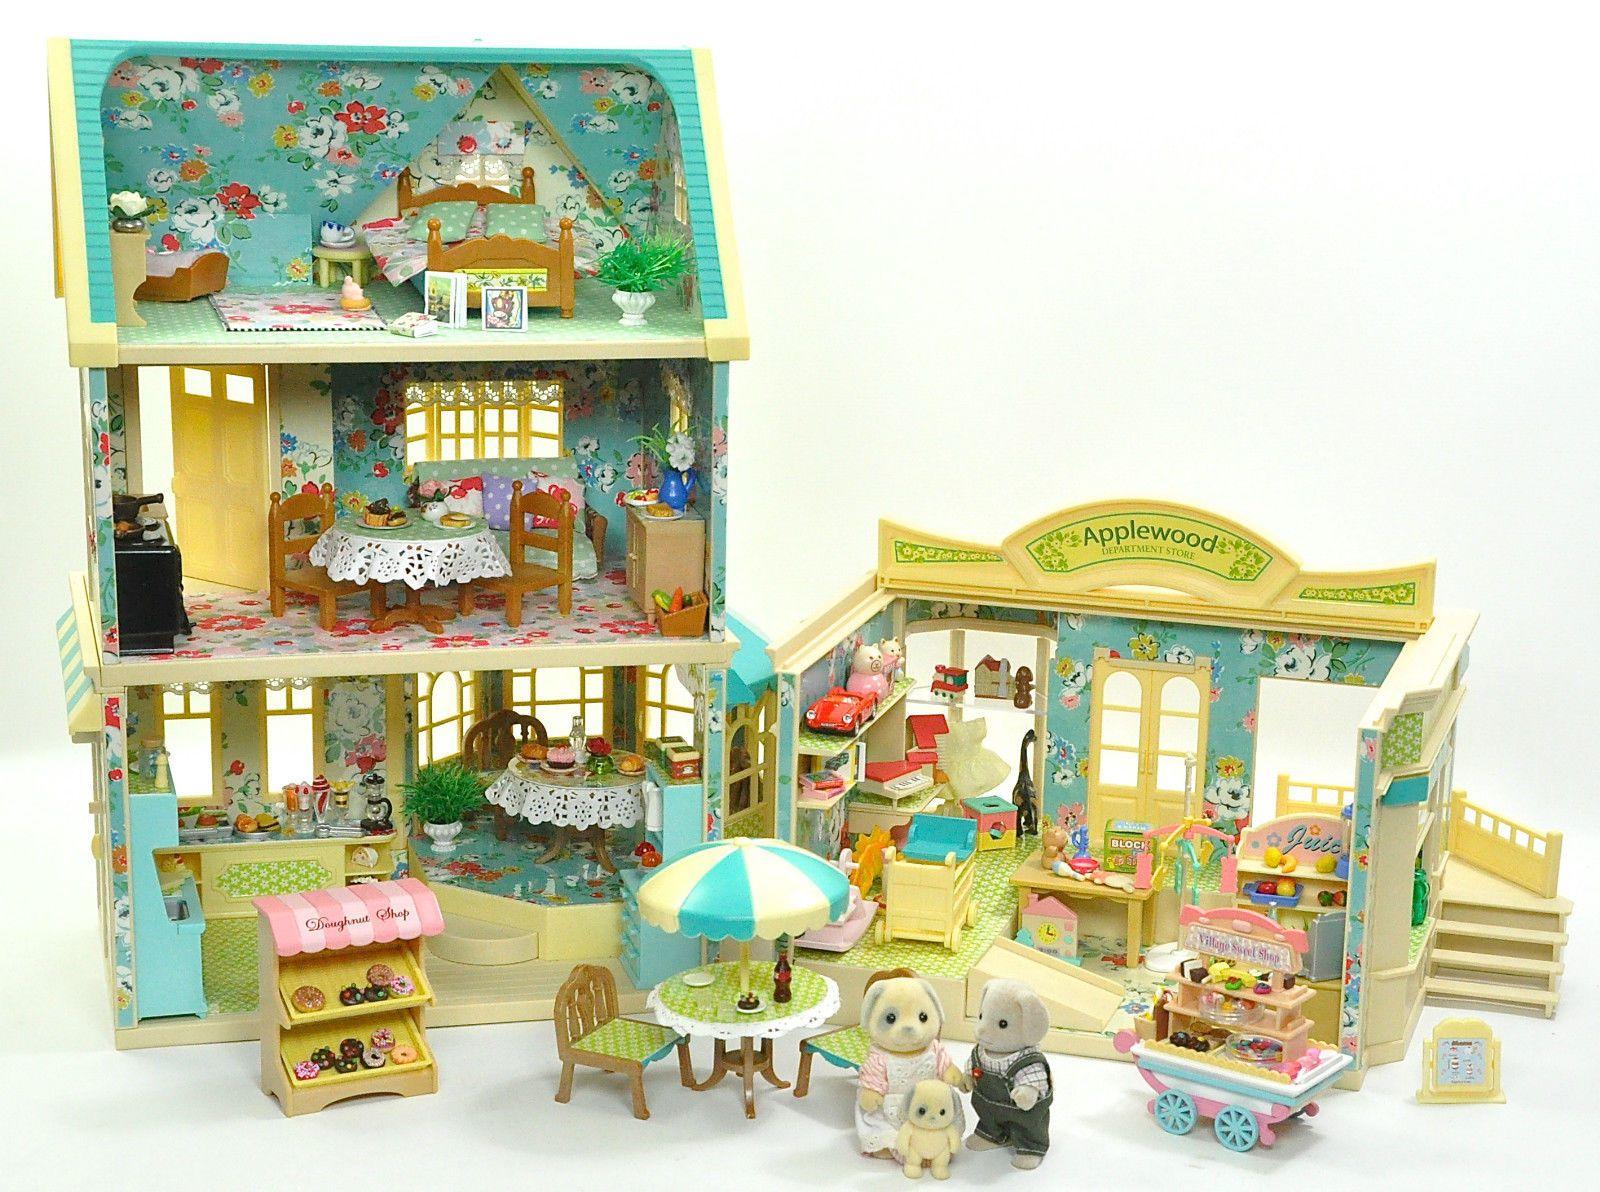 Sylvanian Families Decorado Applewood House Caf Tienda De Figuras  # Muebles Jade Cali